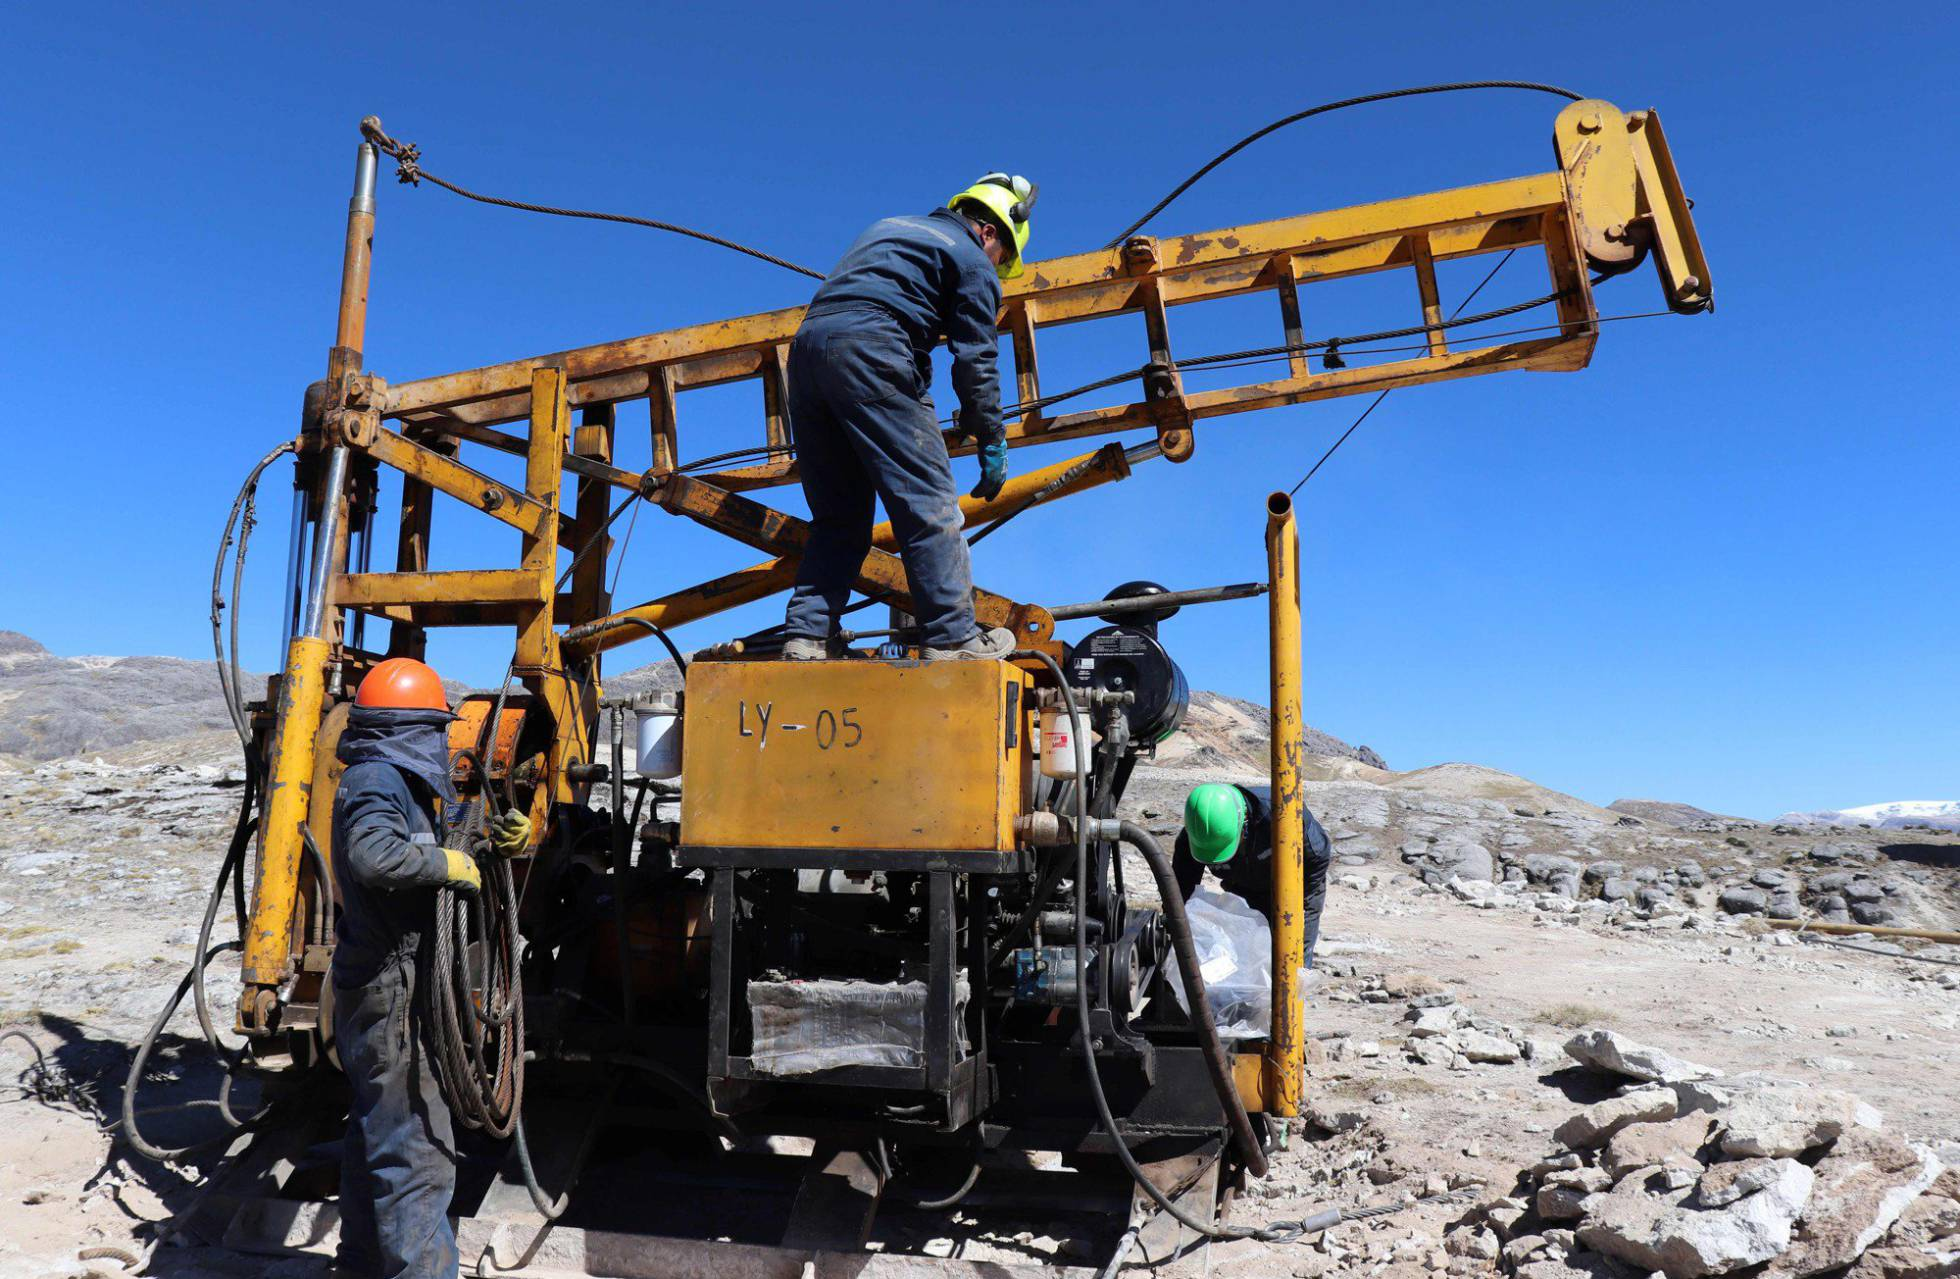 en-peru-descubrieron-una-de-las-minas-de-litio-mas-grandes-del-mundo